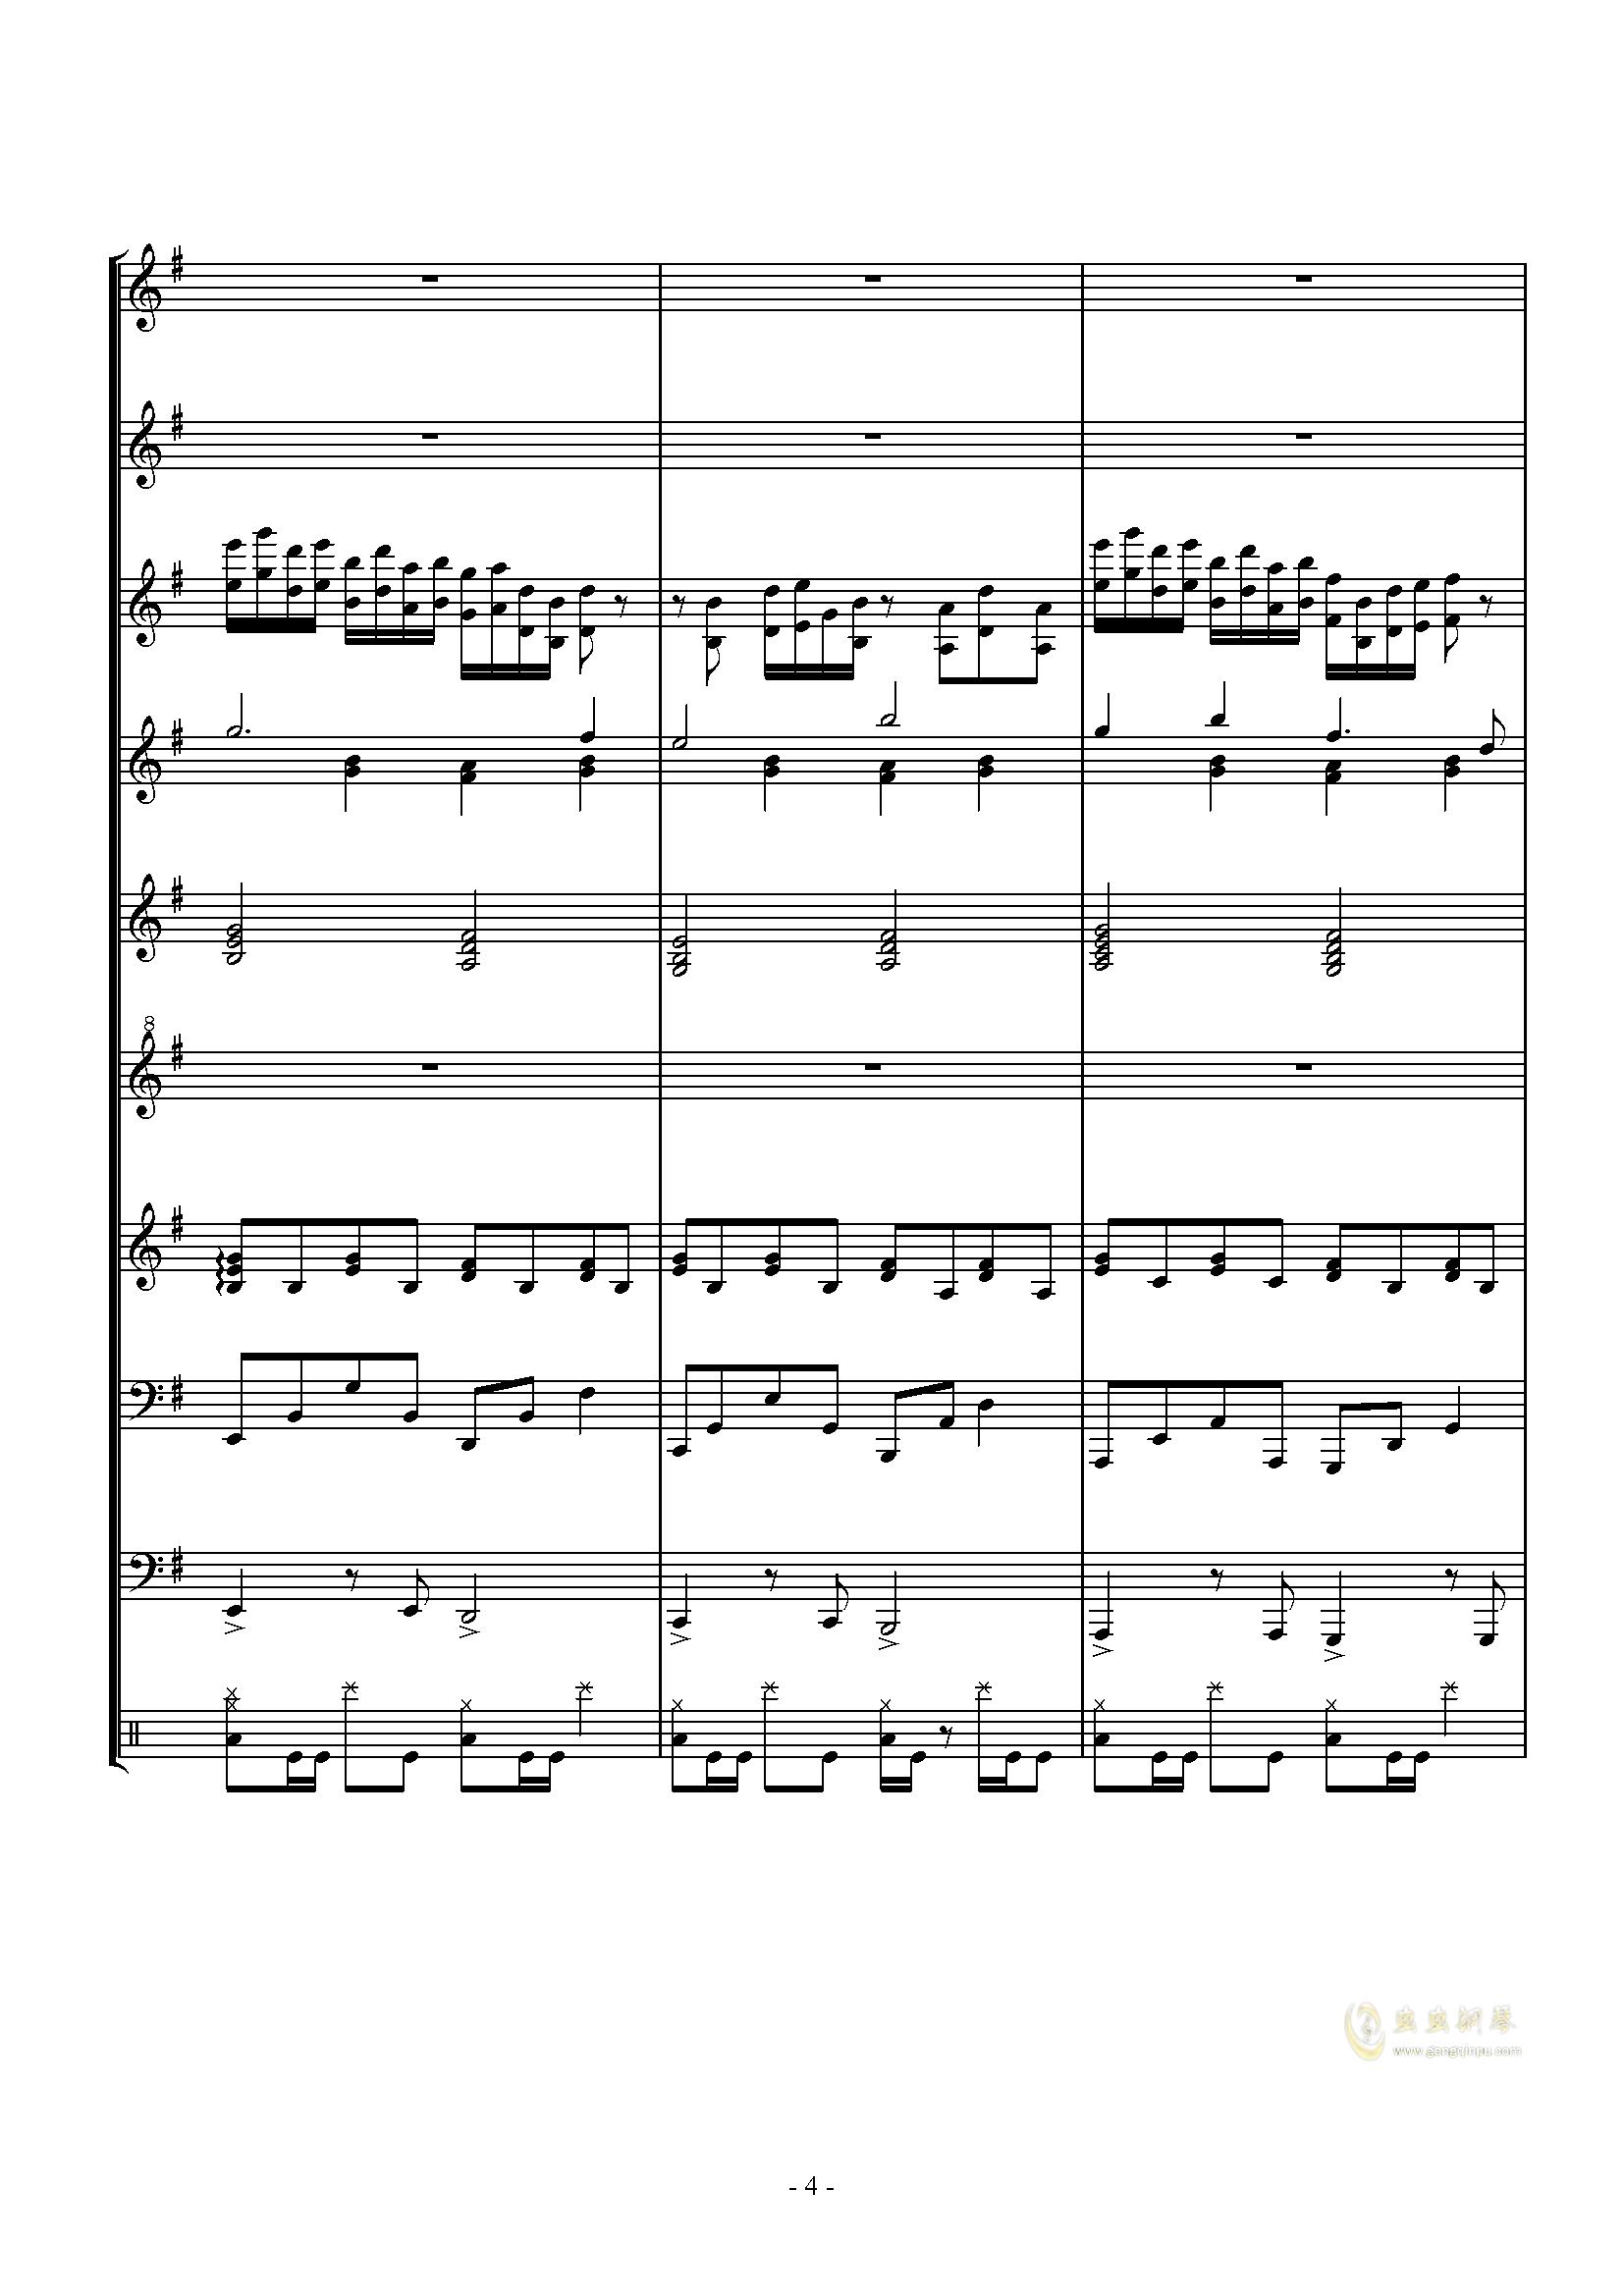 キミガタメ钢琴谱 第4页